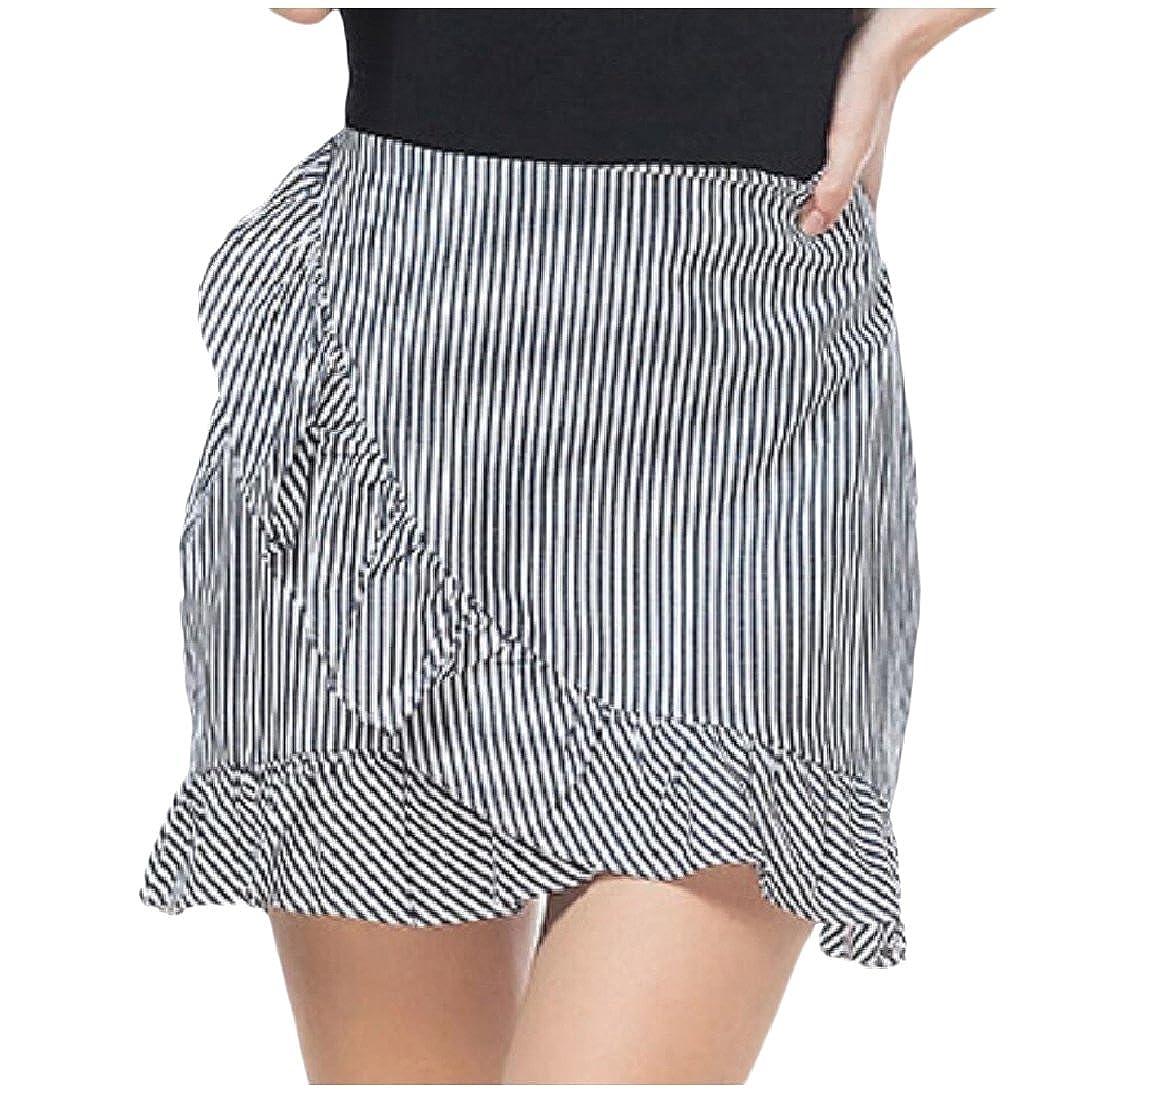 474424d9 SportsX Womens Unique Hem Line Flounced Zipper Splice Short Skirt at ...